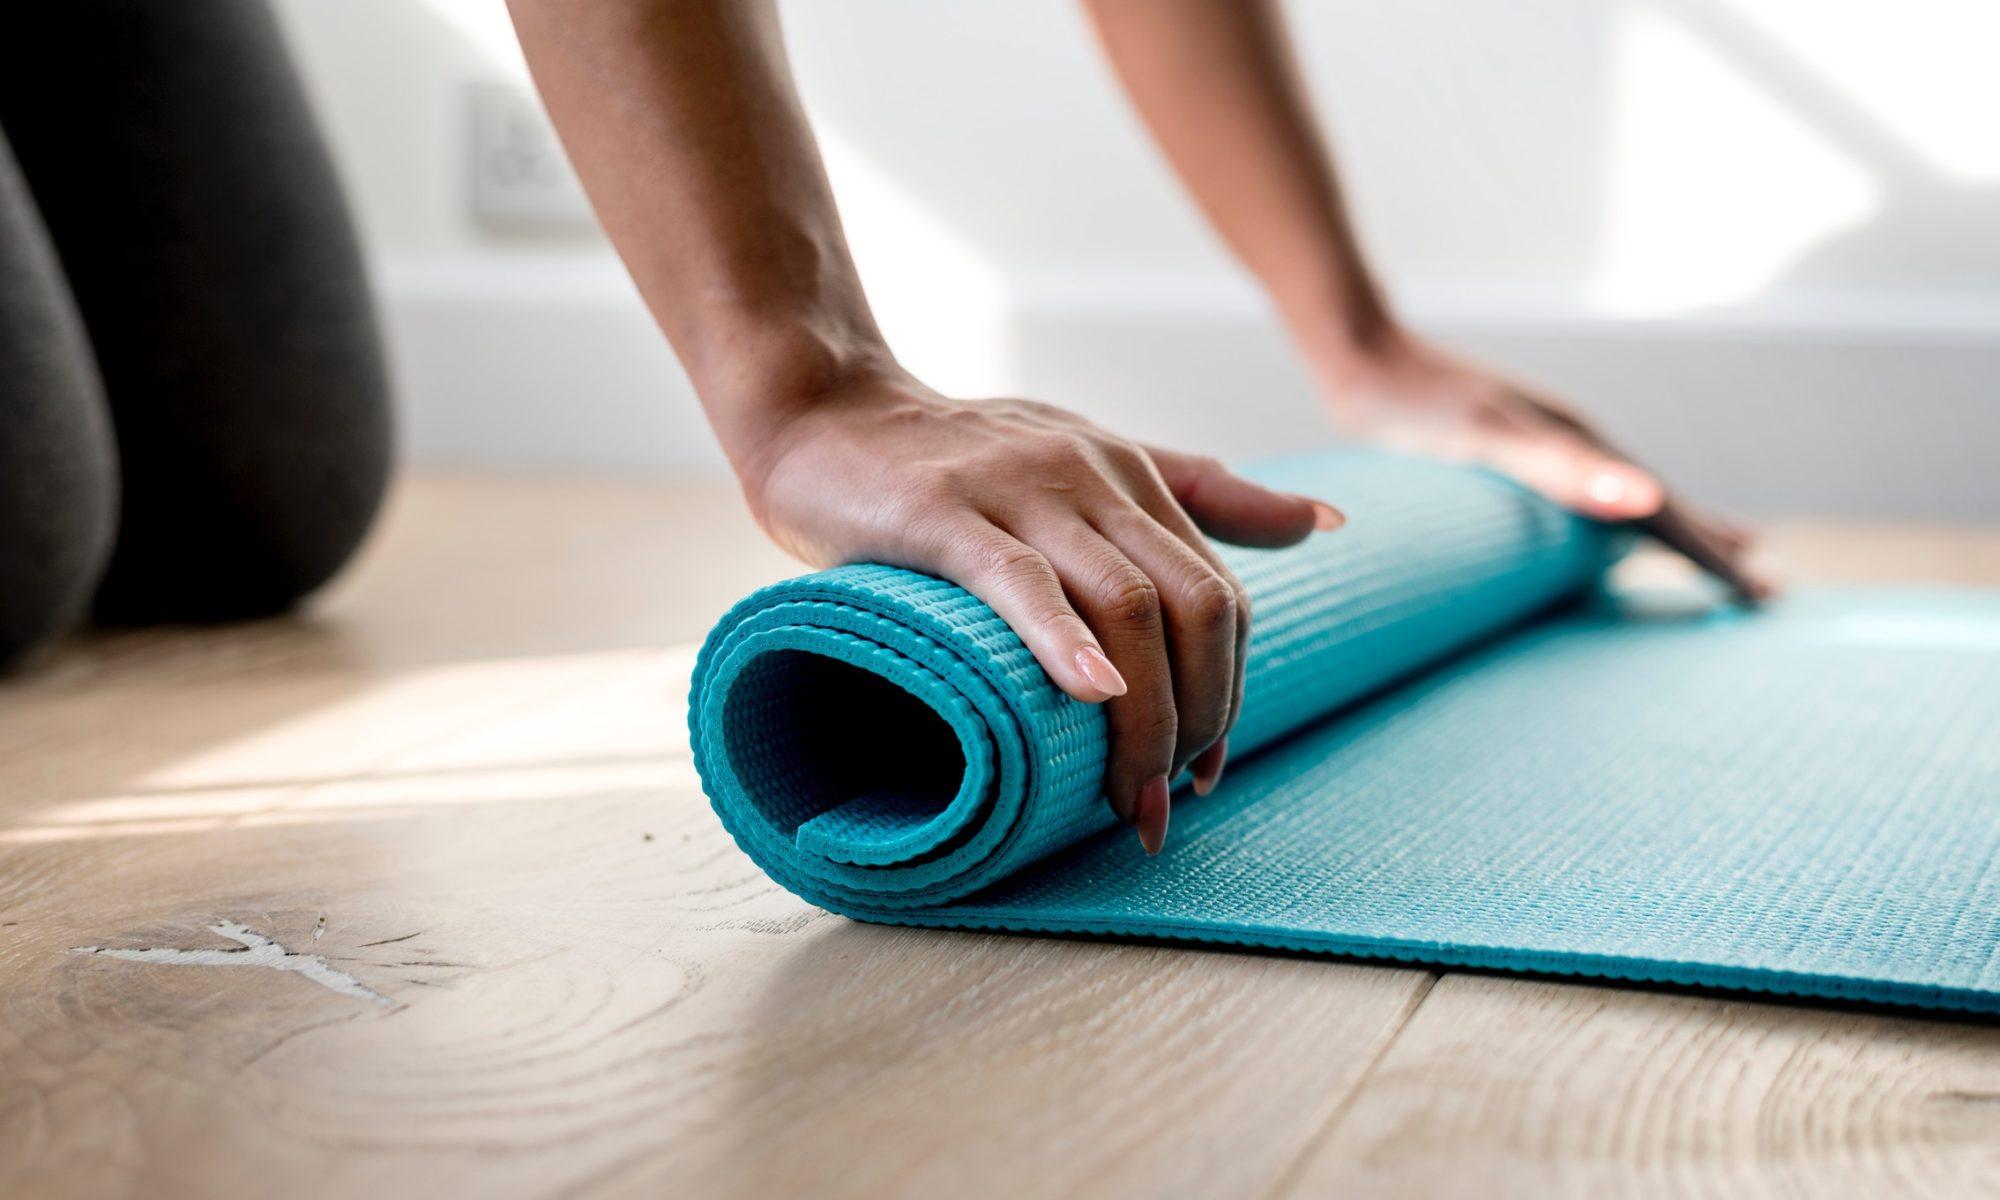 Closeup von Händen mit langen Fingernägeln, die eine türkisfarbene Yogamatte ausrollen.